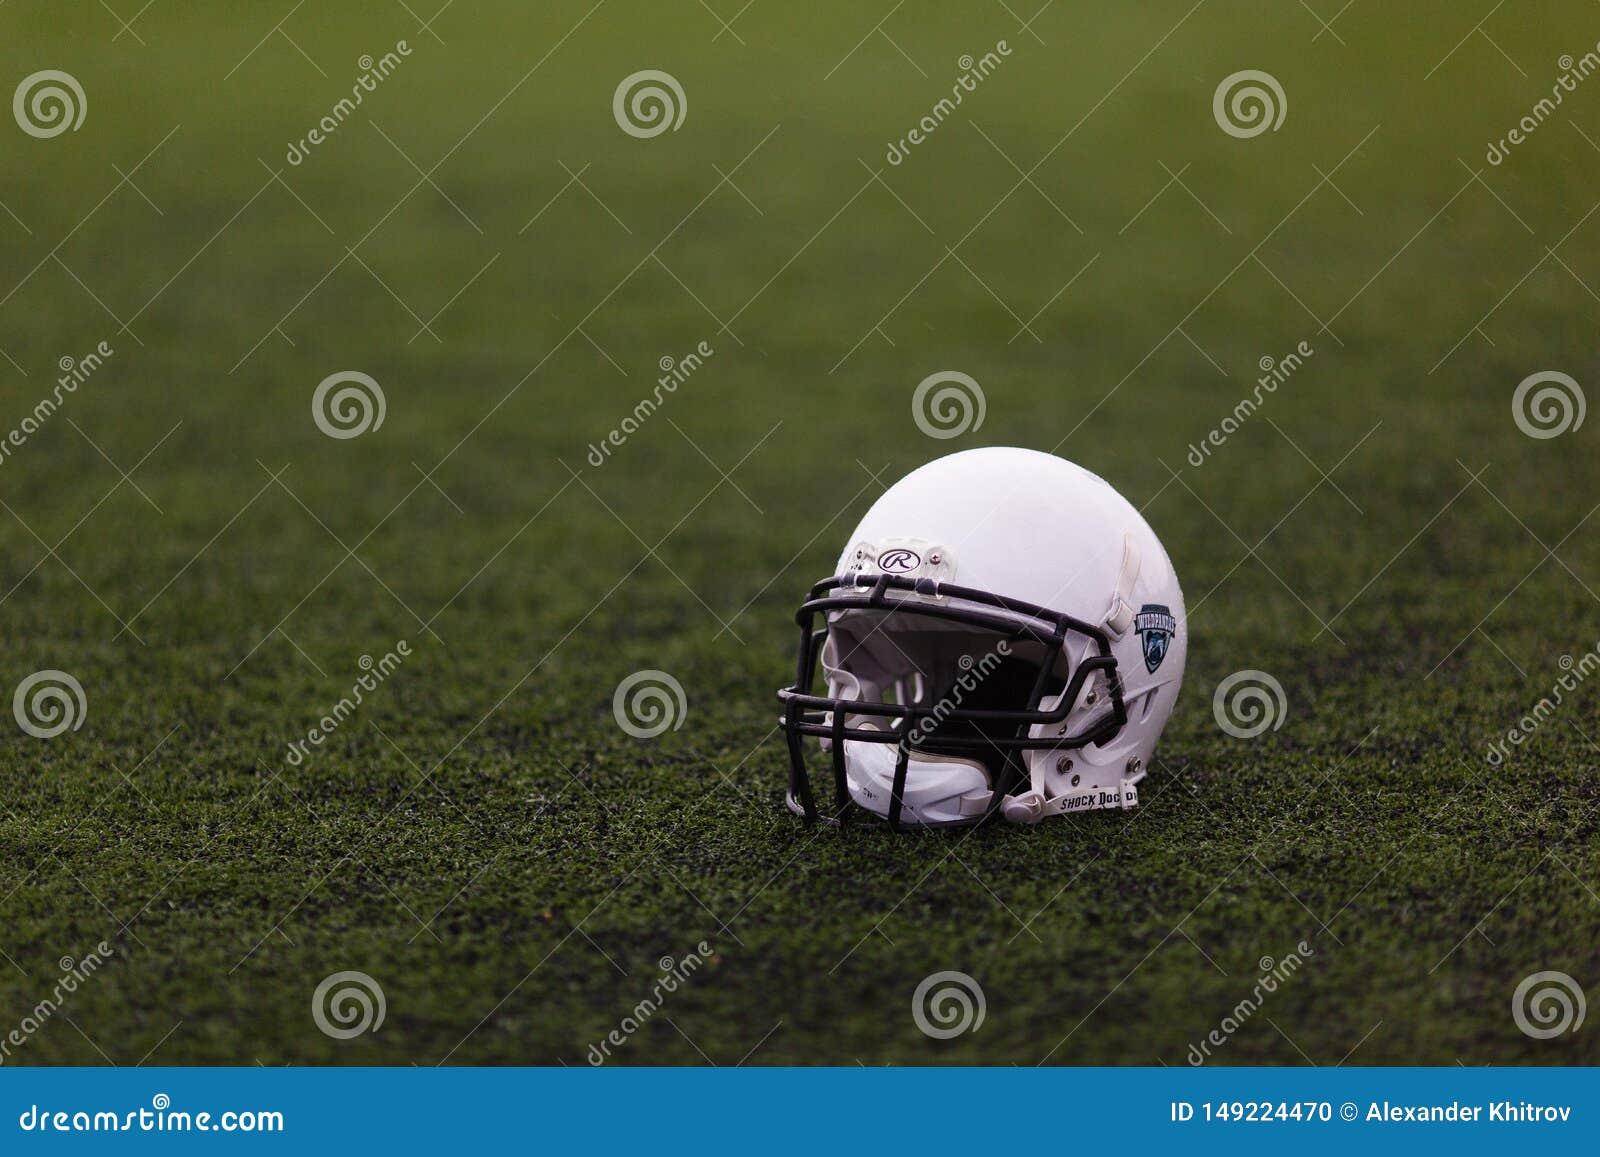 Le casque blanc protecteur pour le jeu du rugby de football américain se trouve sur l herbe verte sur le champ de sports